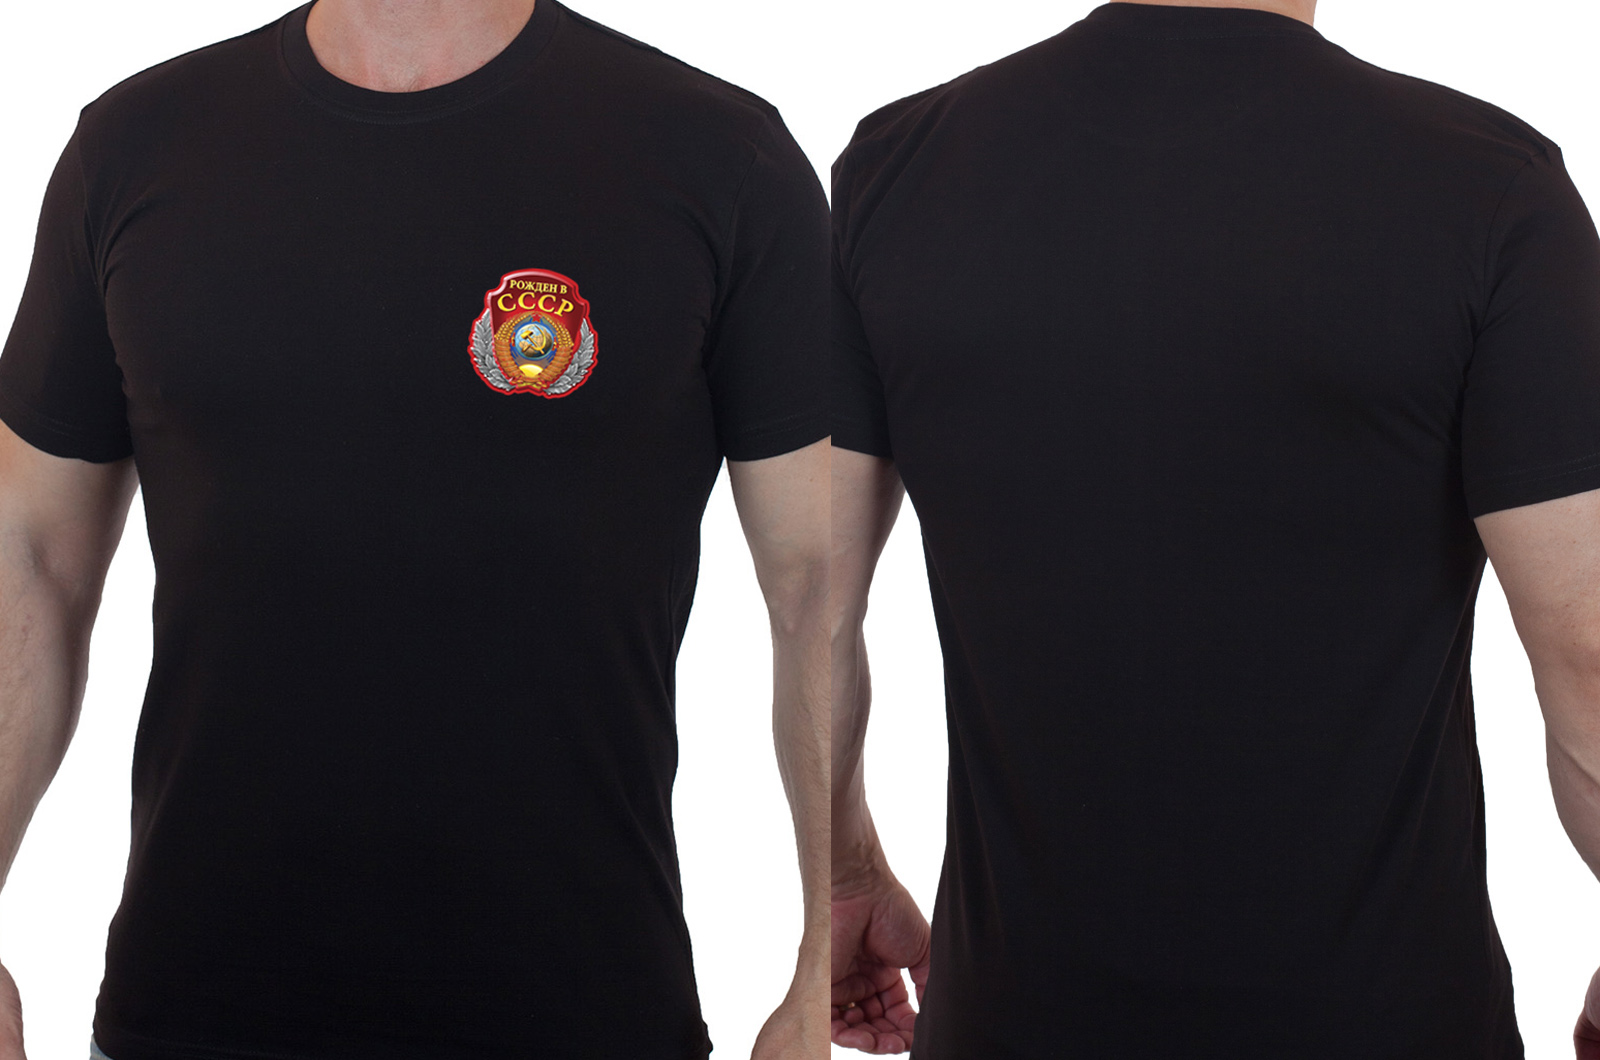 """Крутая футболка """"Рожден в СССР"""""""